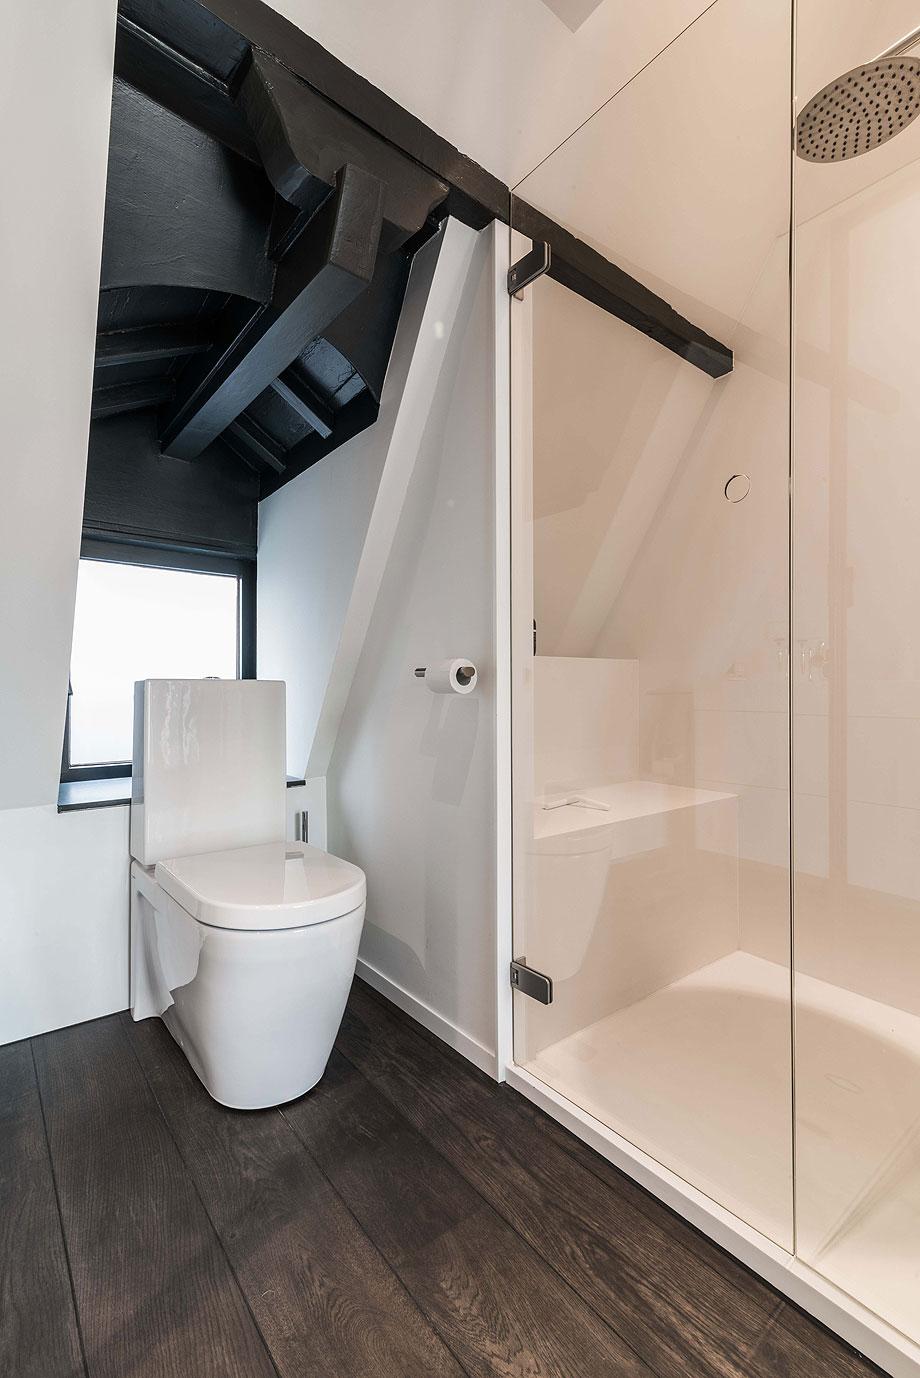 apartamento en amsterdam de guillem benoit con hi-macs (7)